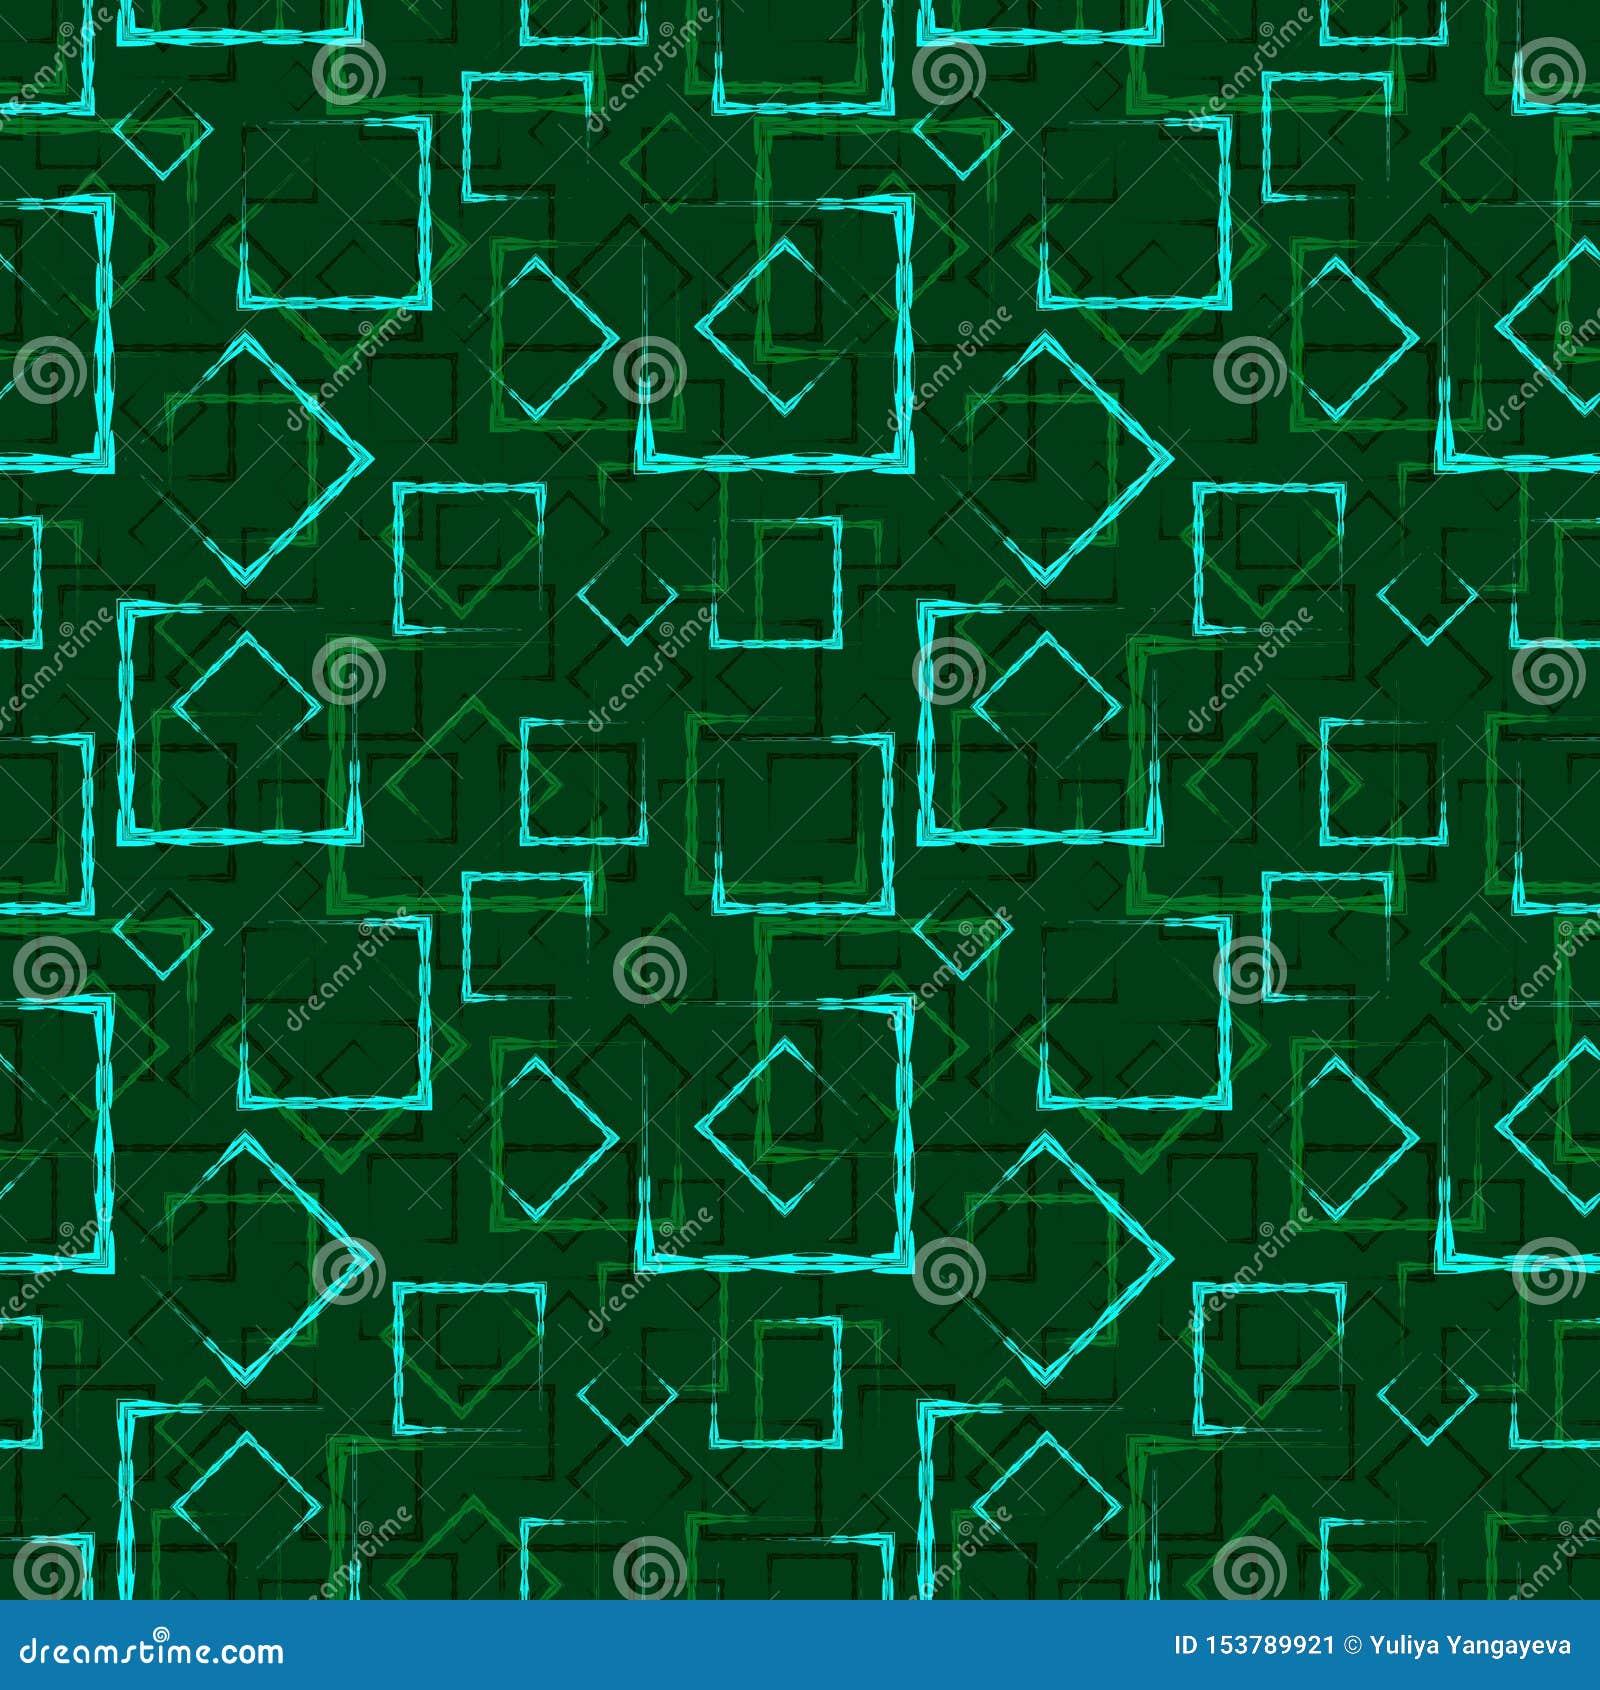 Places et cadres découpés azurés pour le fond ou le modèle vert abstrait